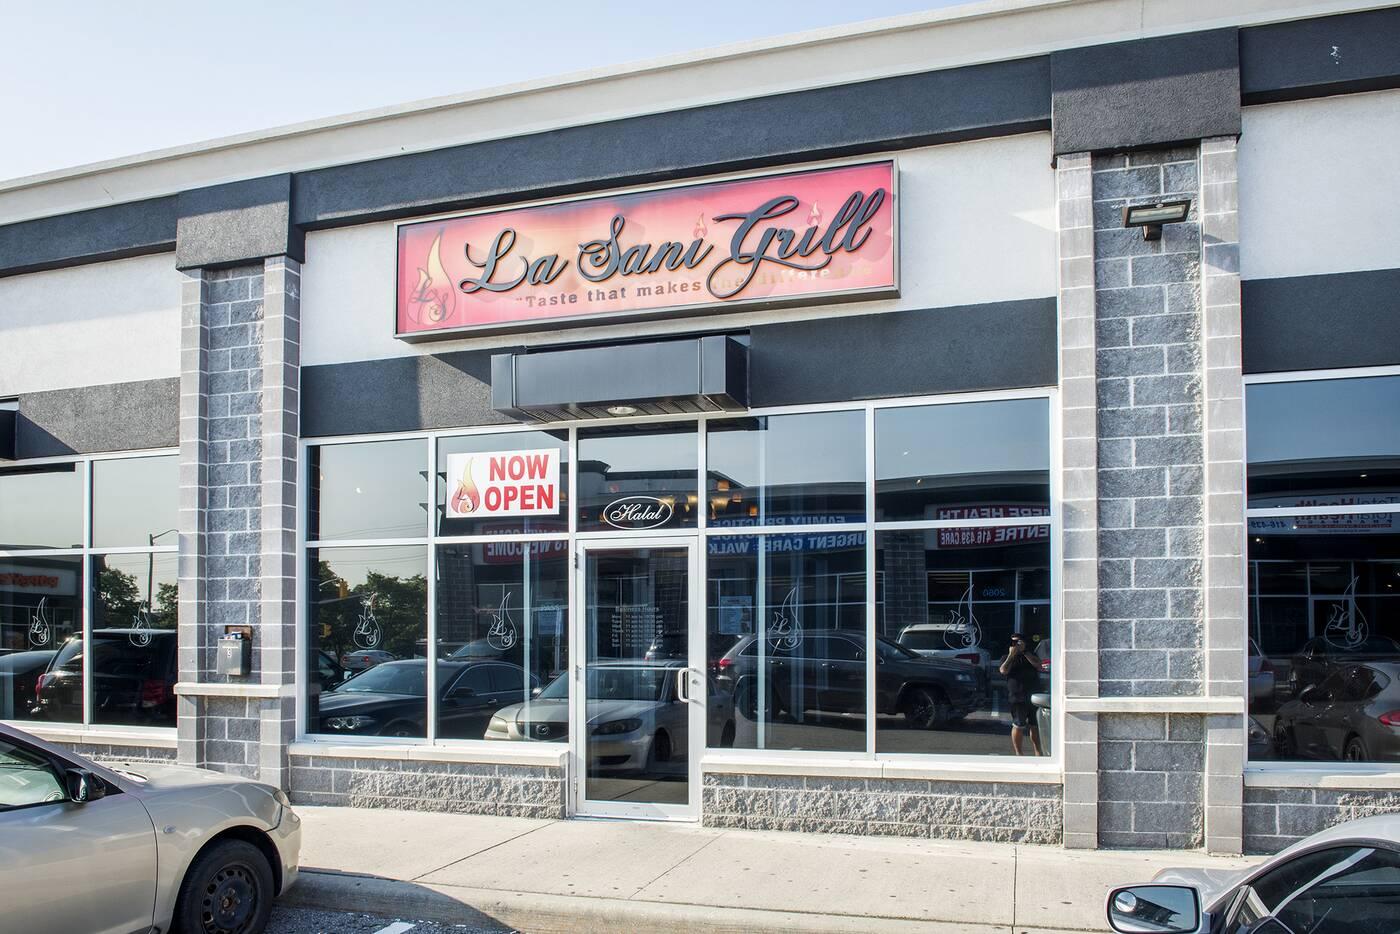 La Sani Grill Toronto